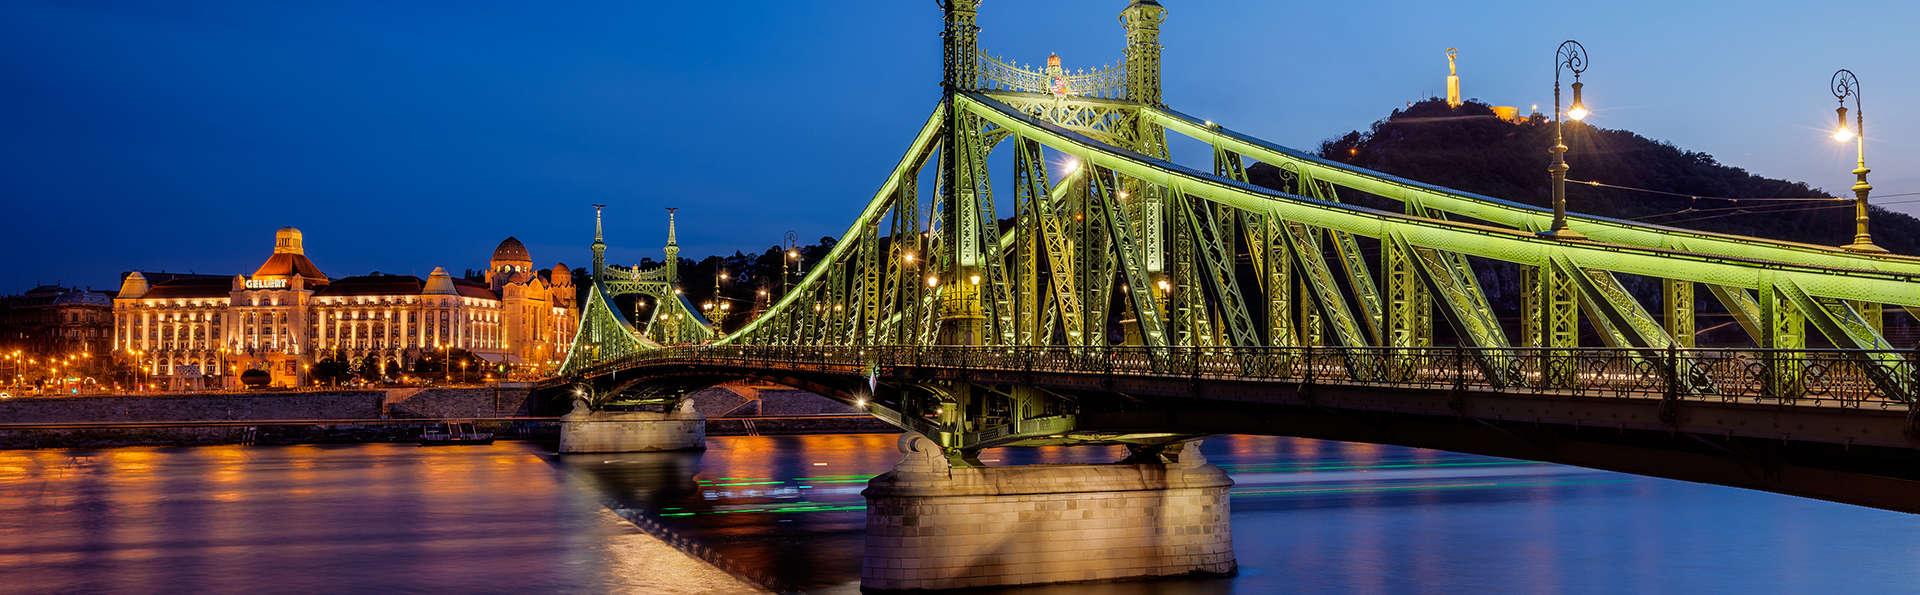 Soho Boutique Hotel 4* - Budapest, Ungheria